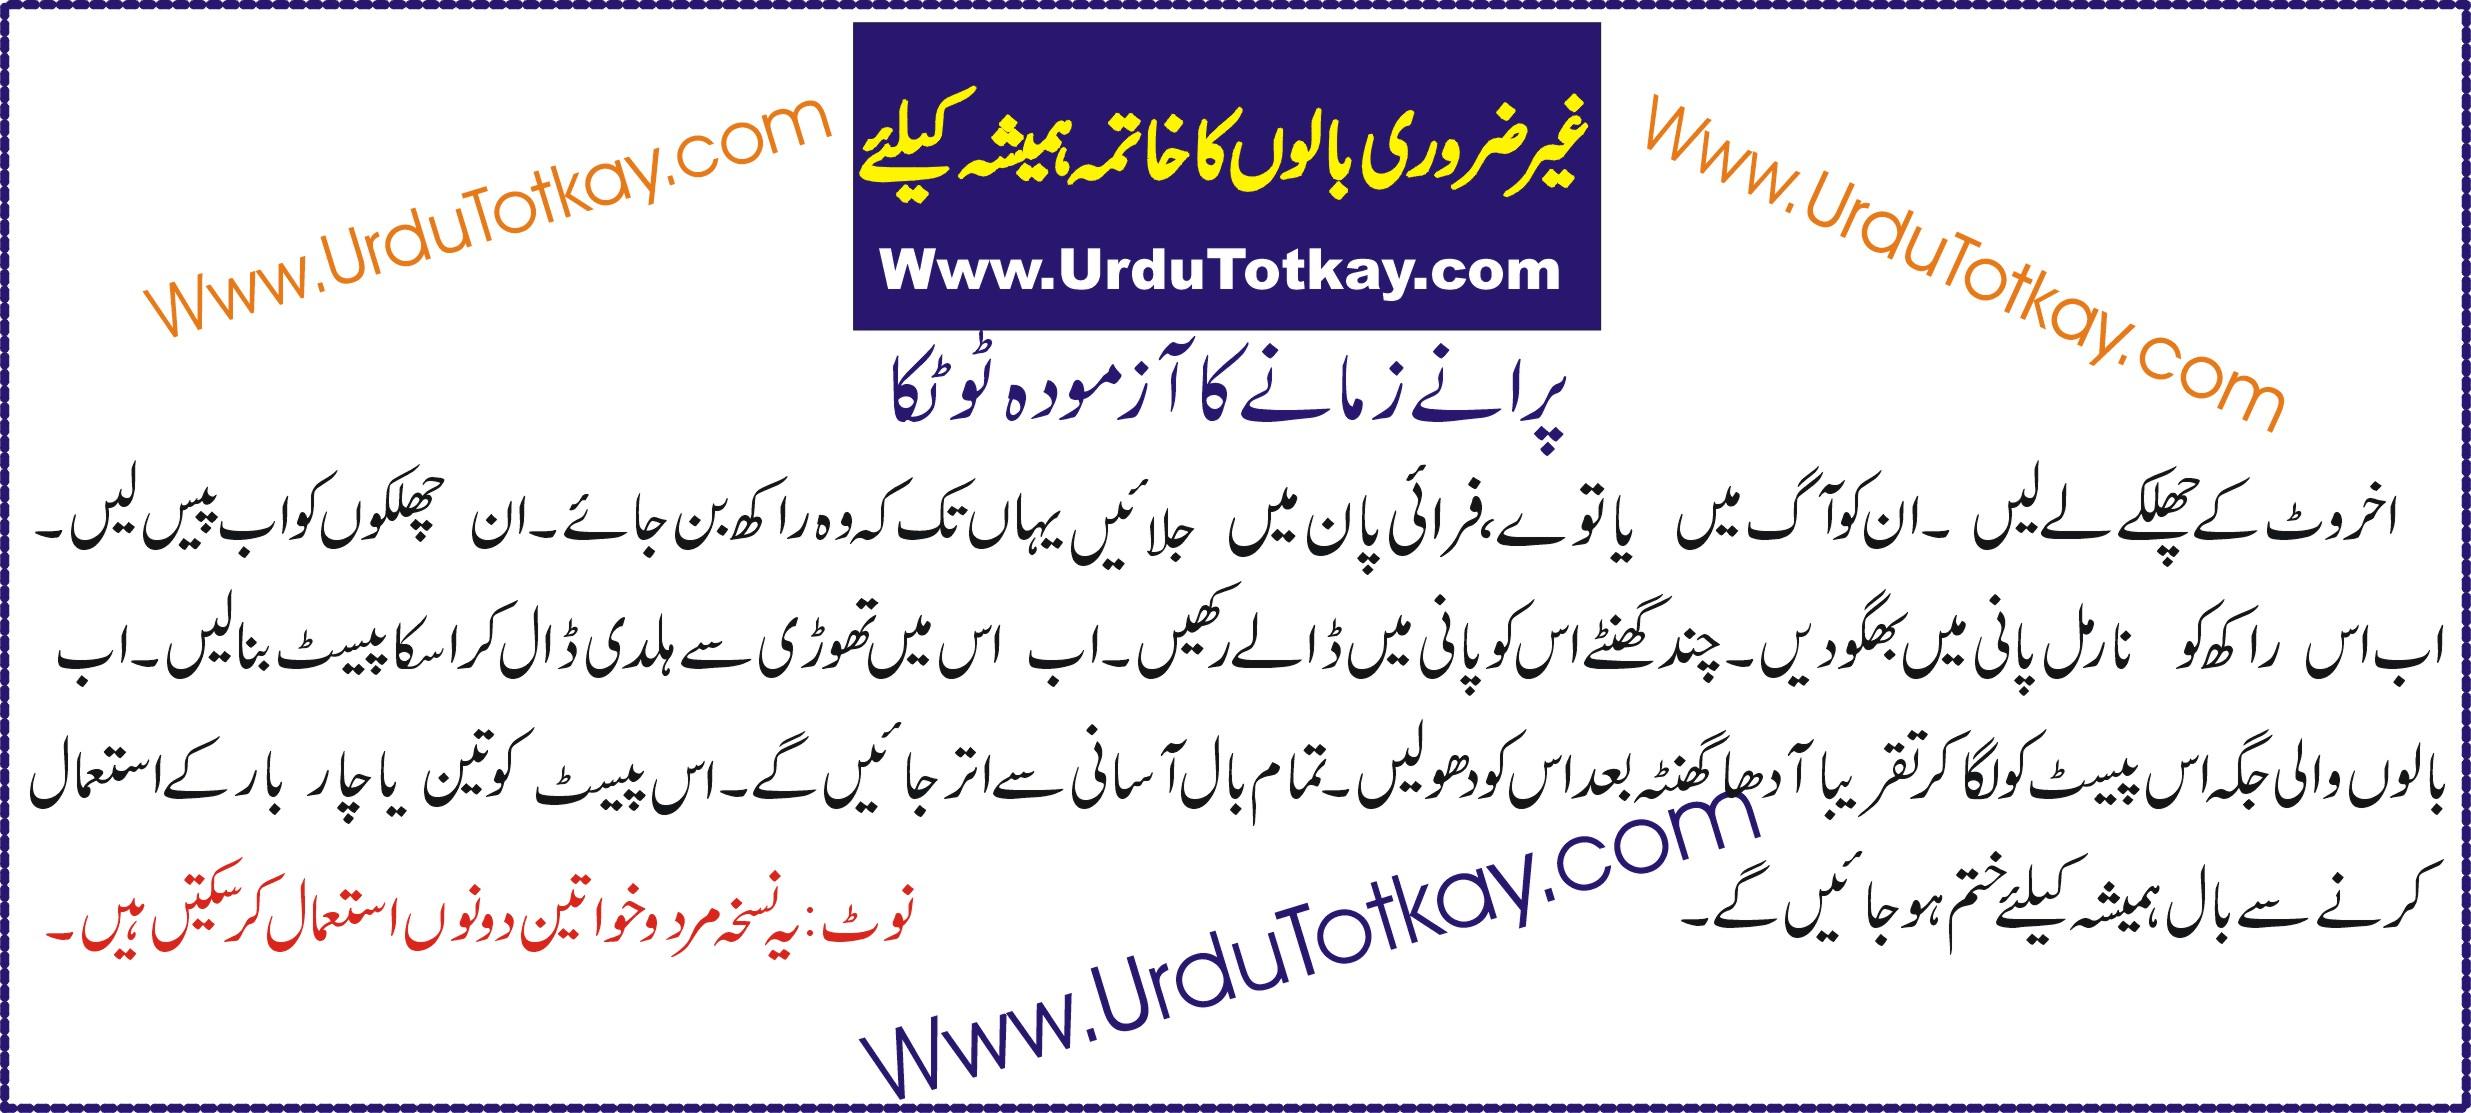 Urdu Totkay | Gharlo Totkay |Tips – All About Totkay & Tips